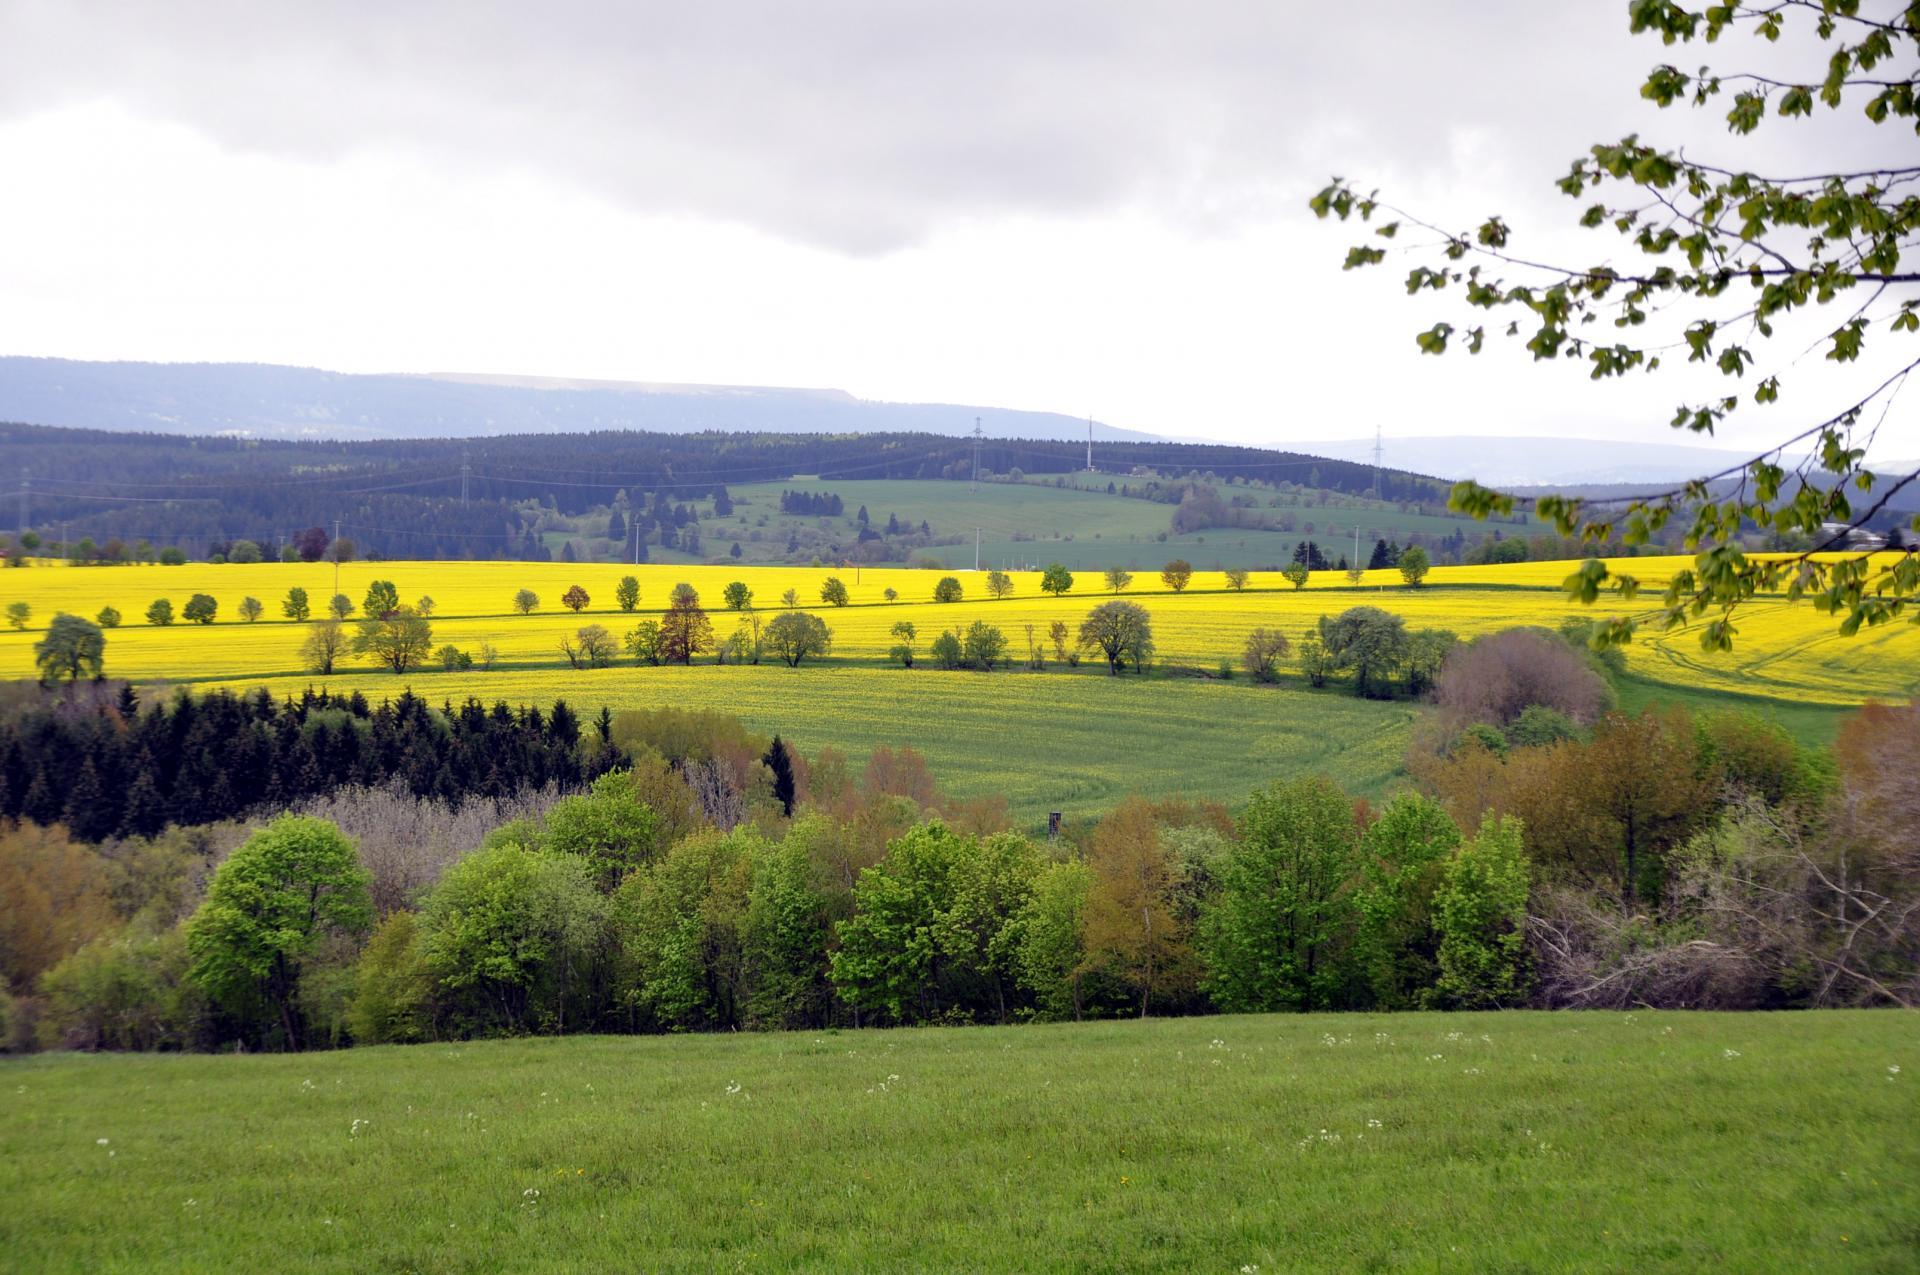 Landschaft im Olitätenland